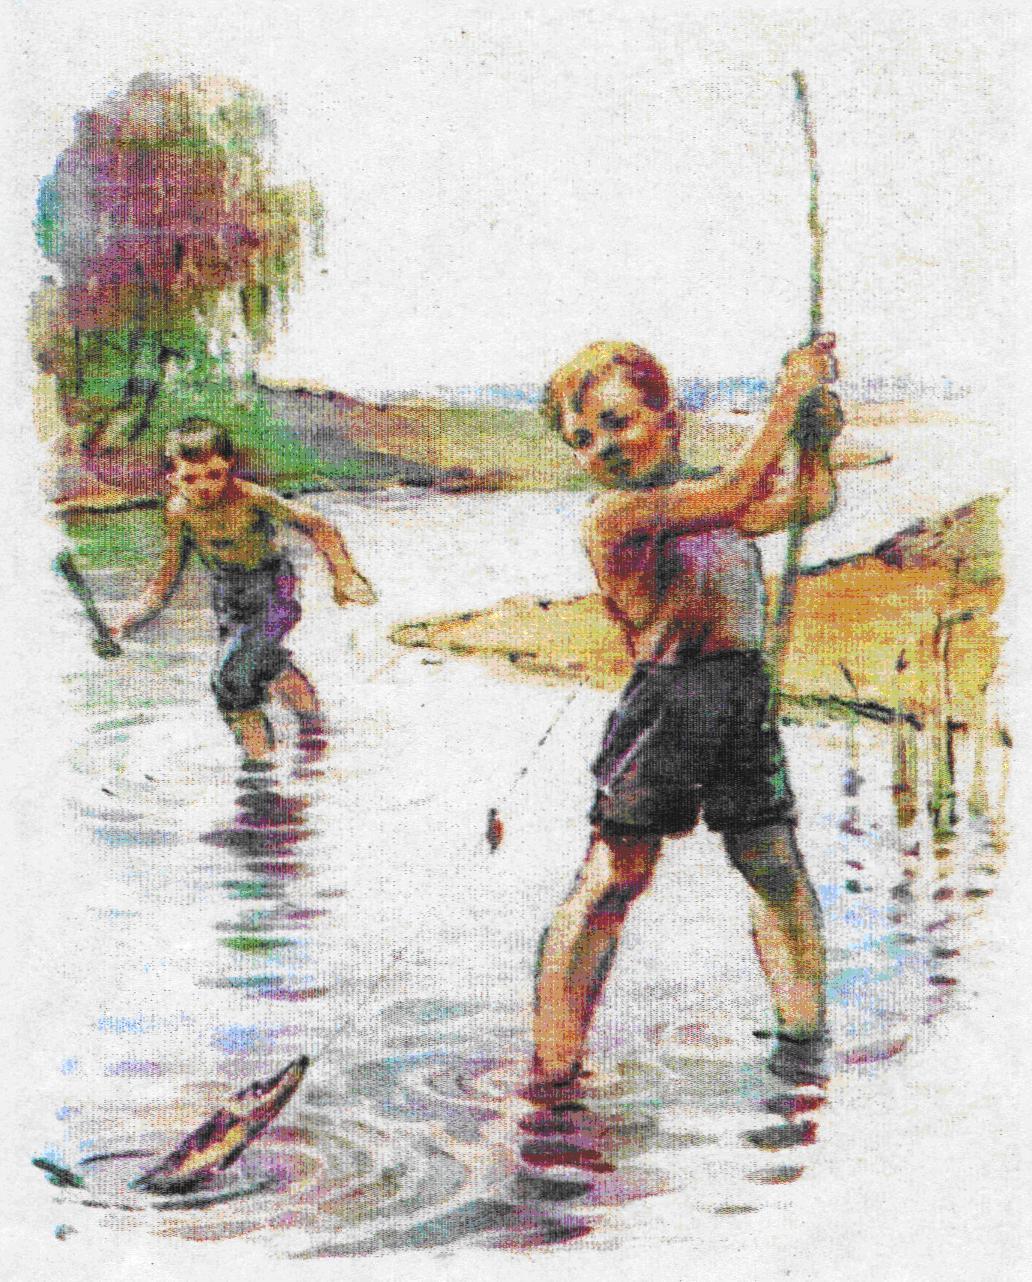 логическая картинка два брата ловили рыбу